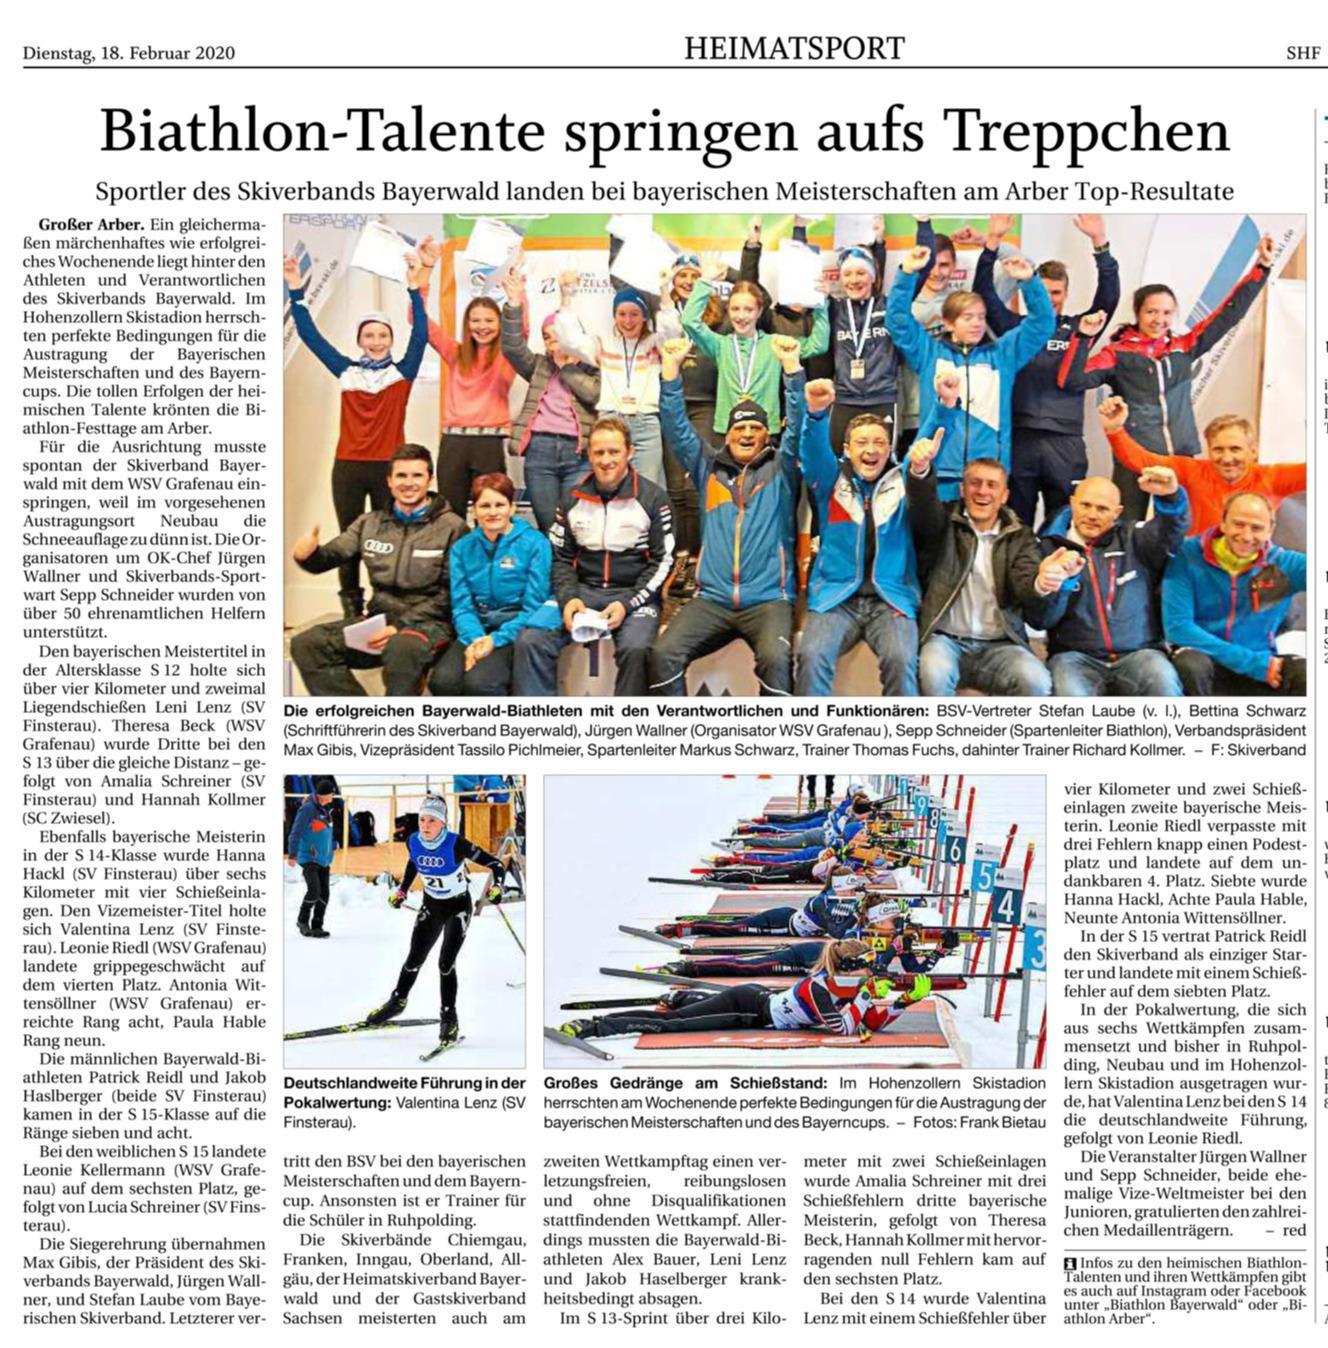 Biathlon-Talente springen aufs Treppchen